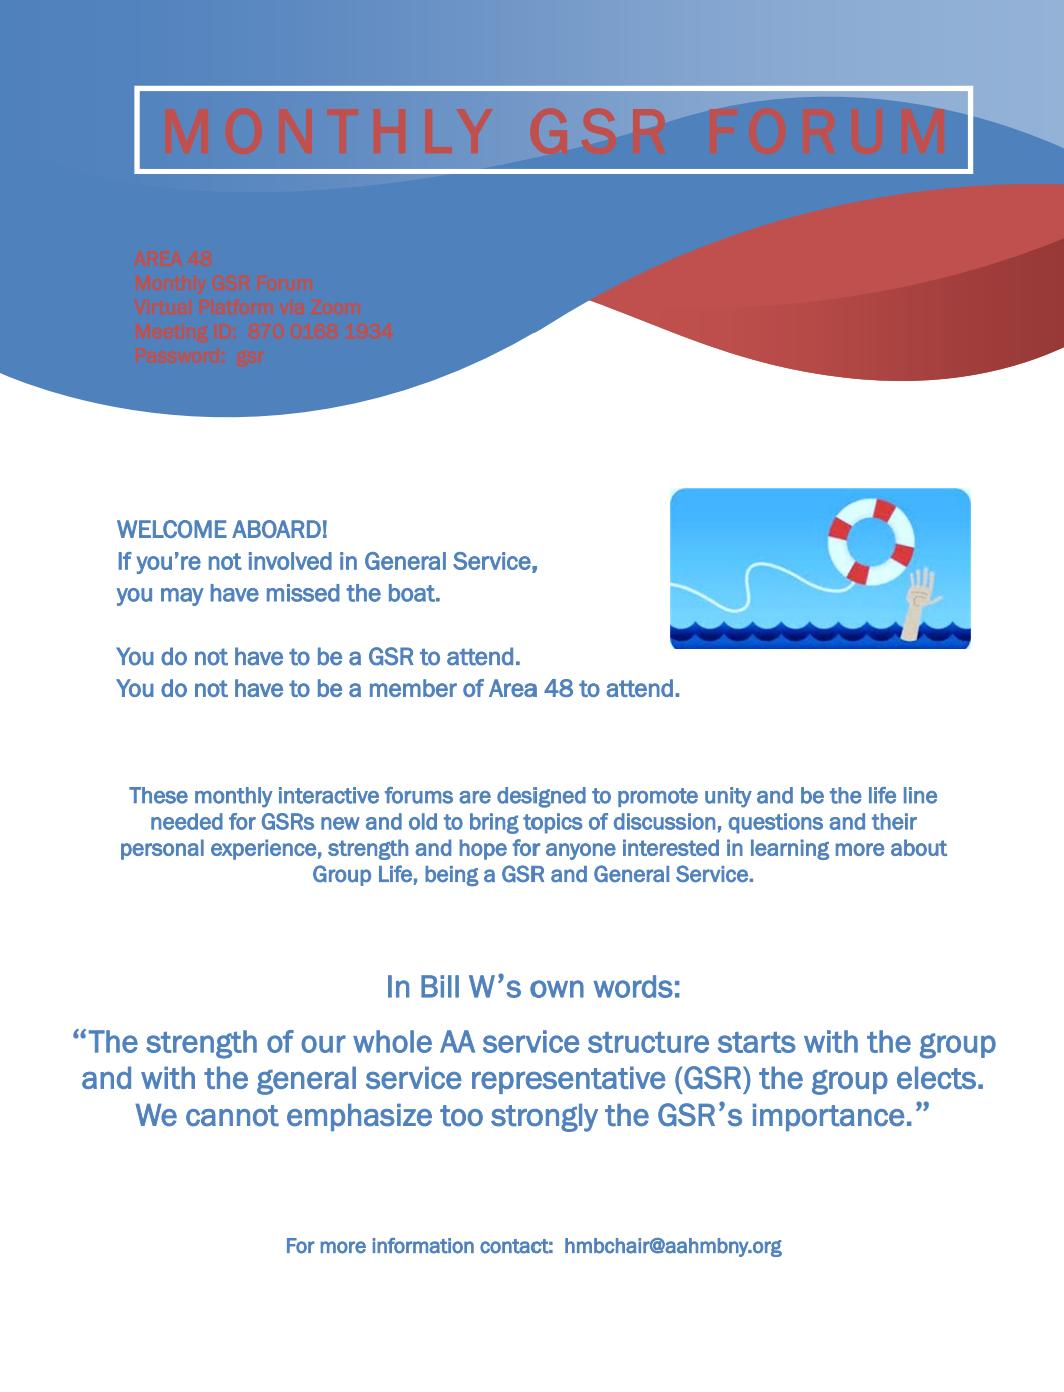 Monthly GSR Forum